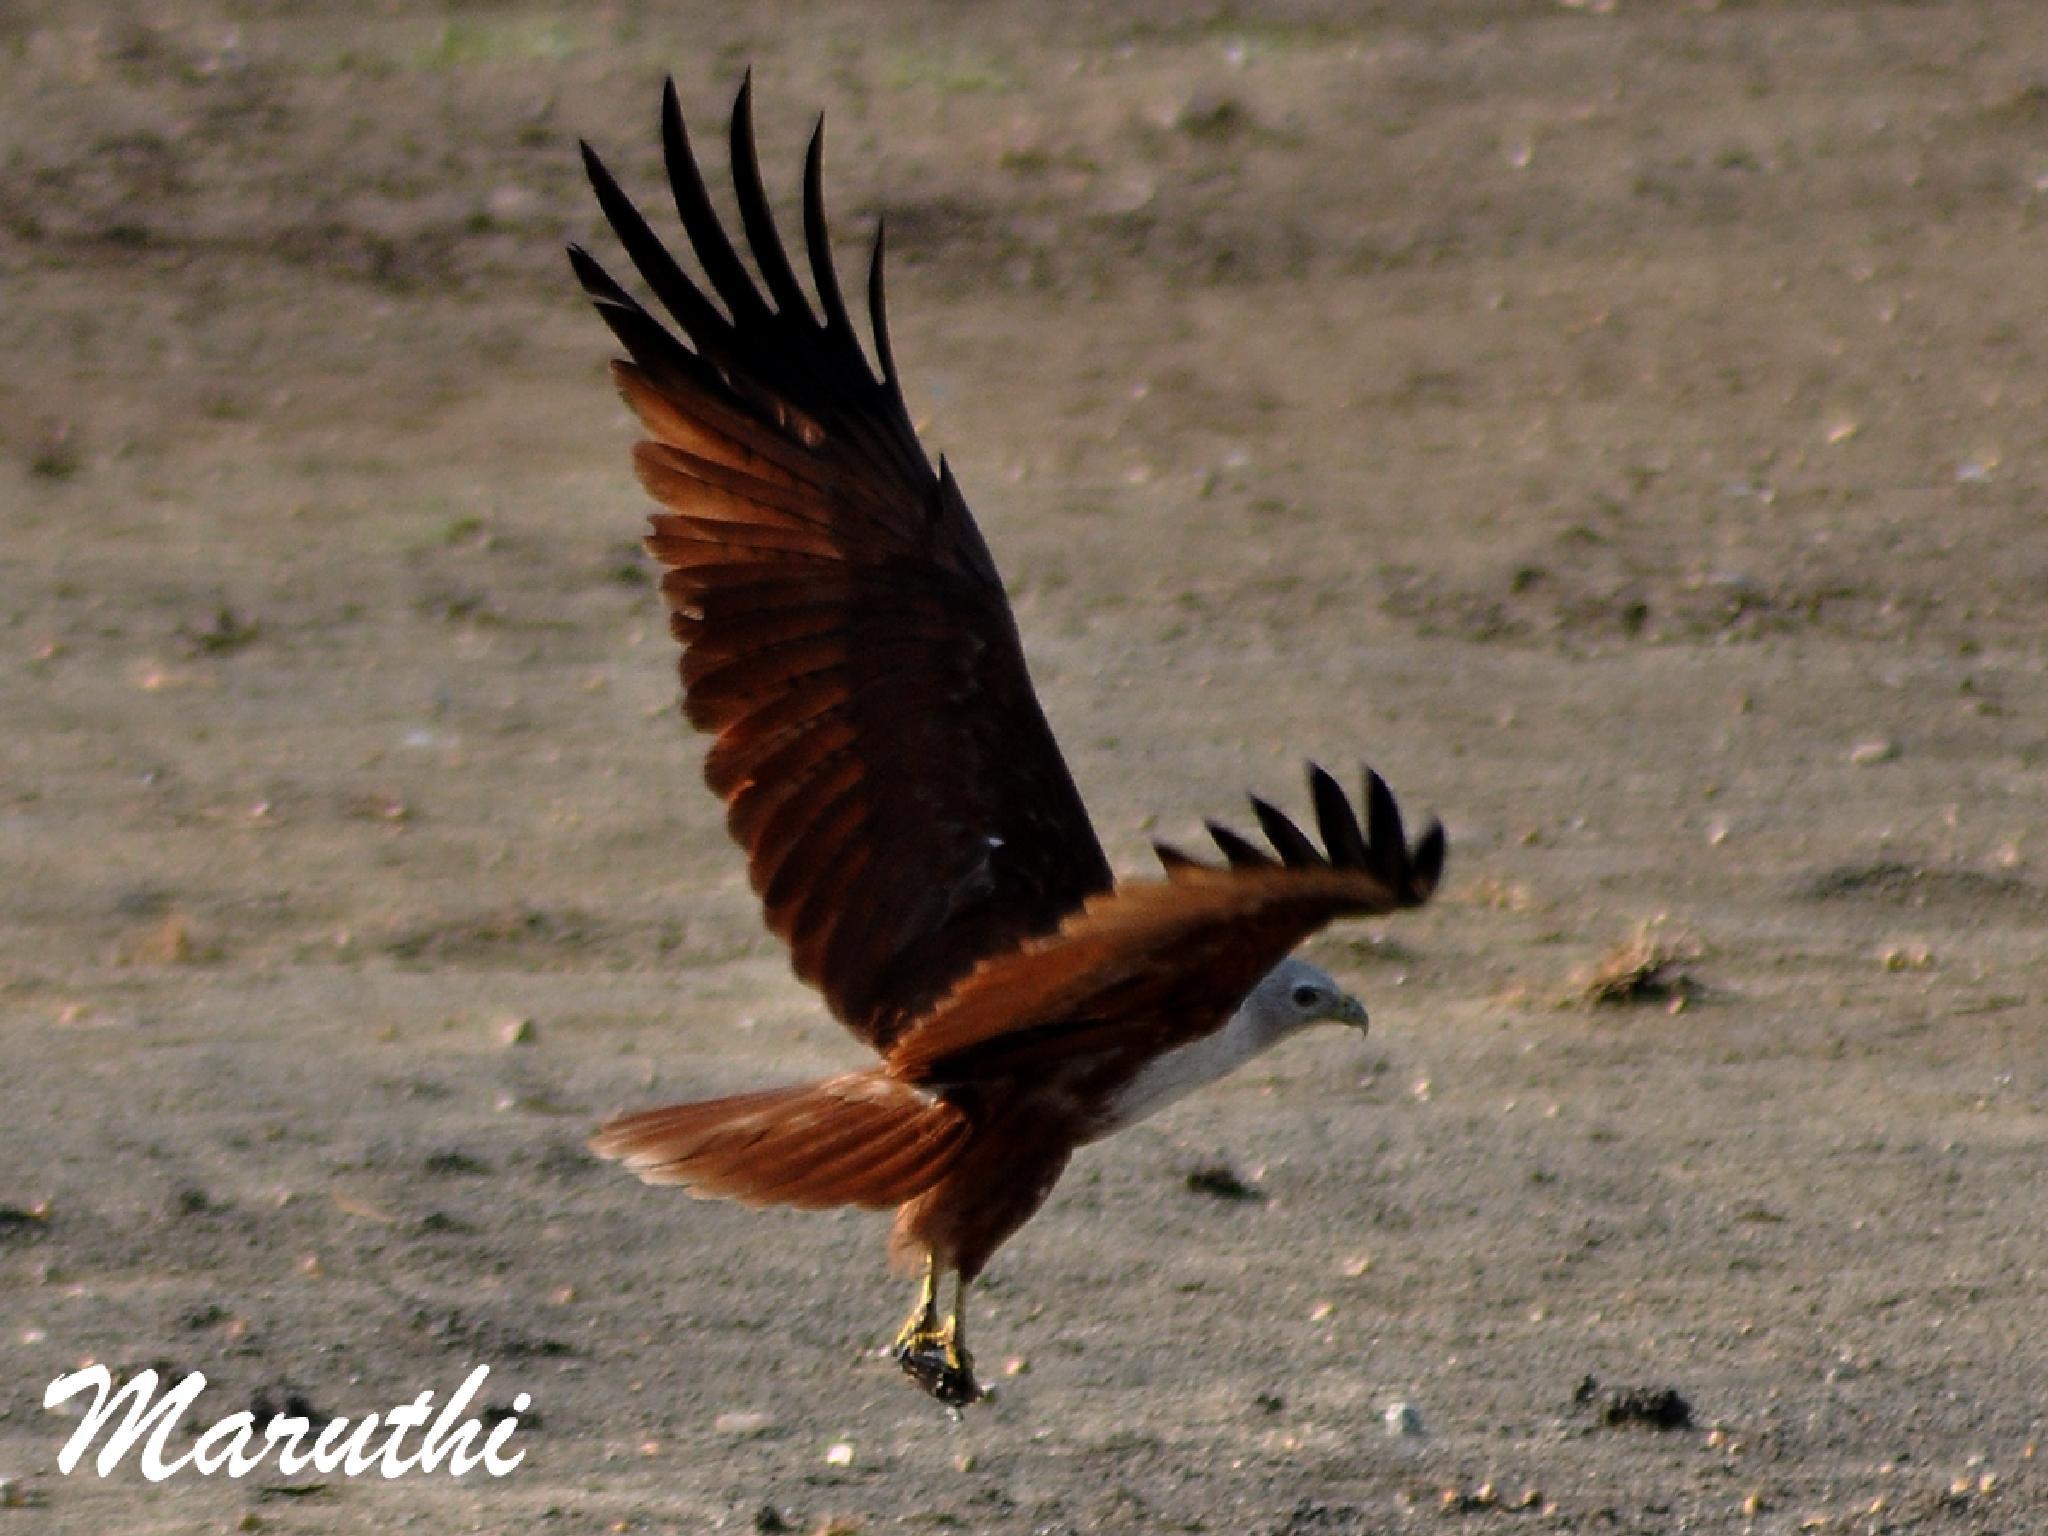 Brahminy kite by Maruthi Pujari